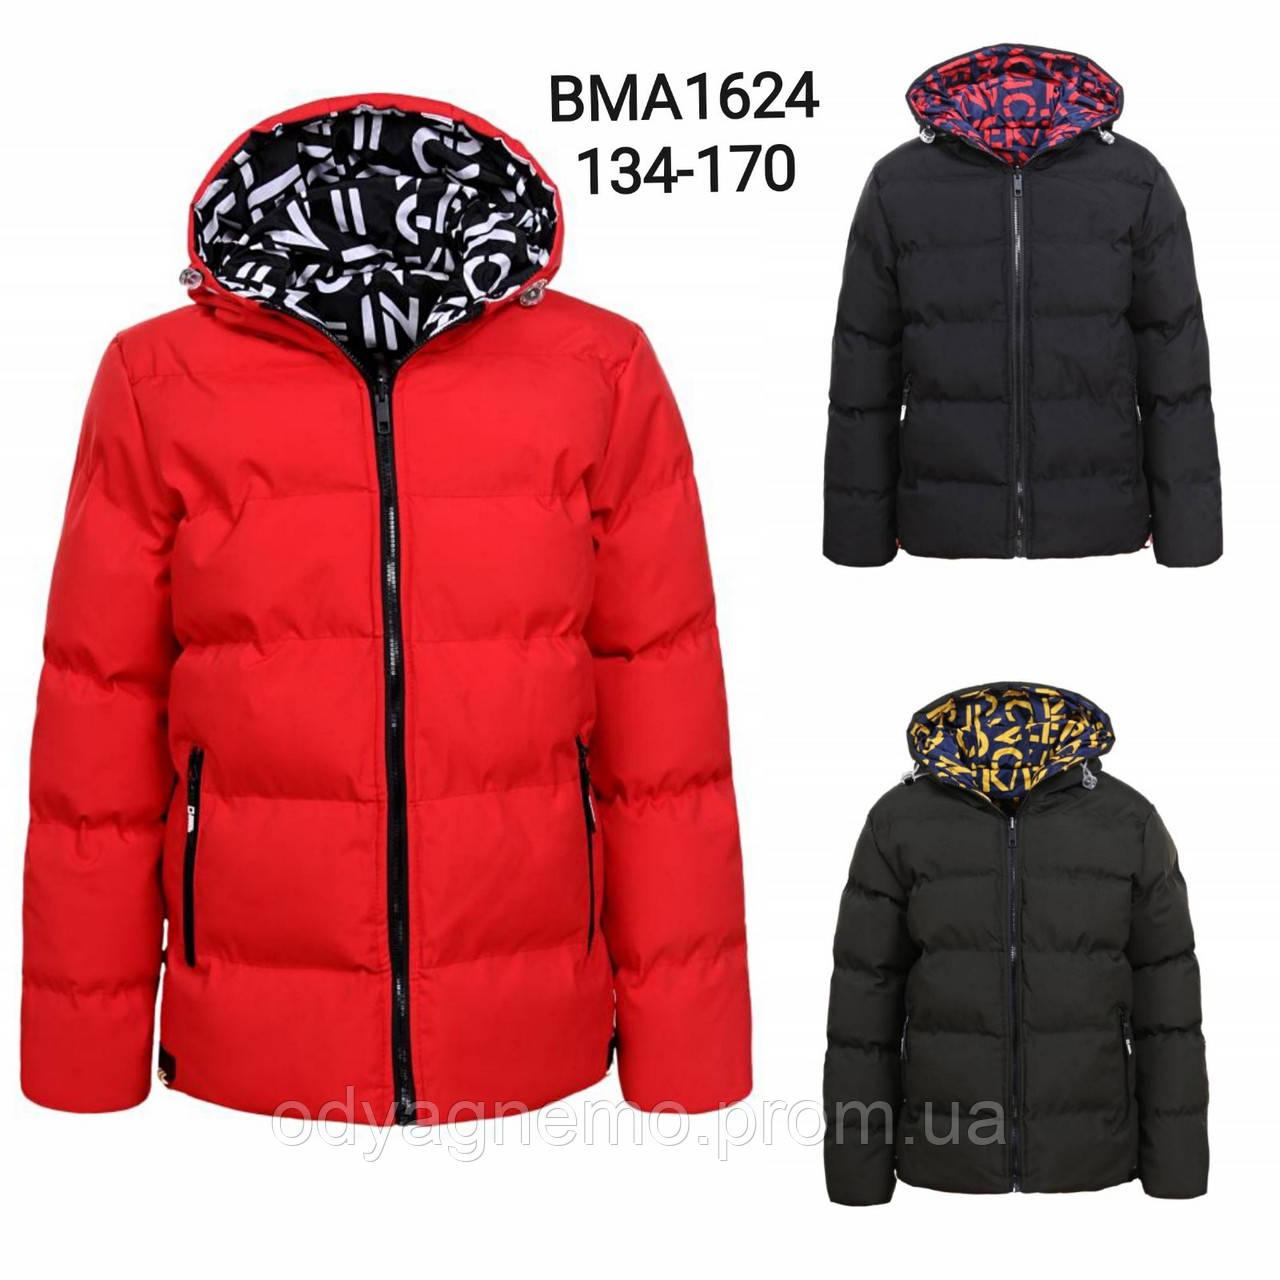 Двостороння Куртка для хлопчиків Glo-Story, 134/140-170 рр. Артикул: BMA1624